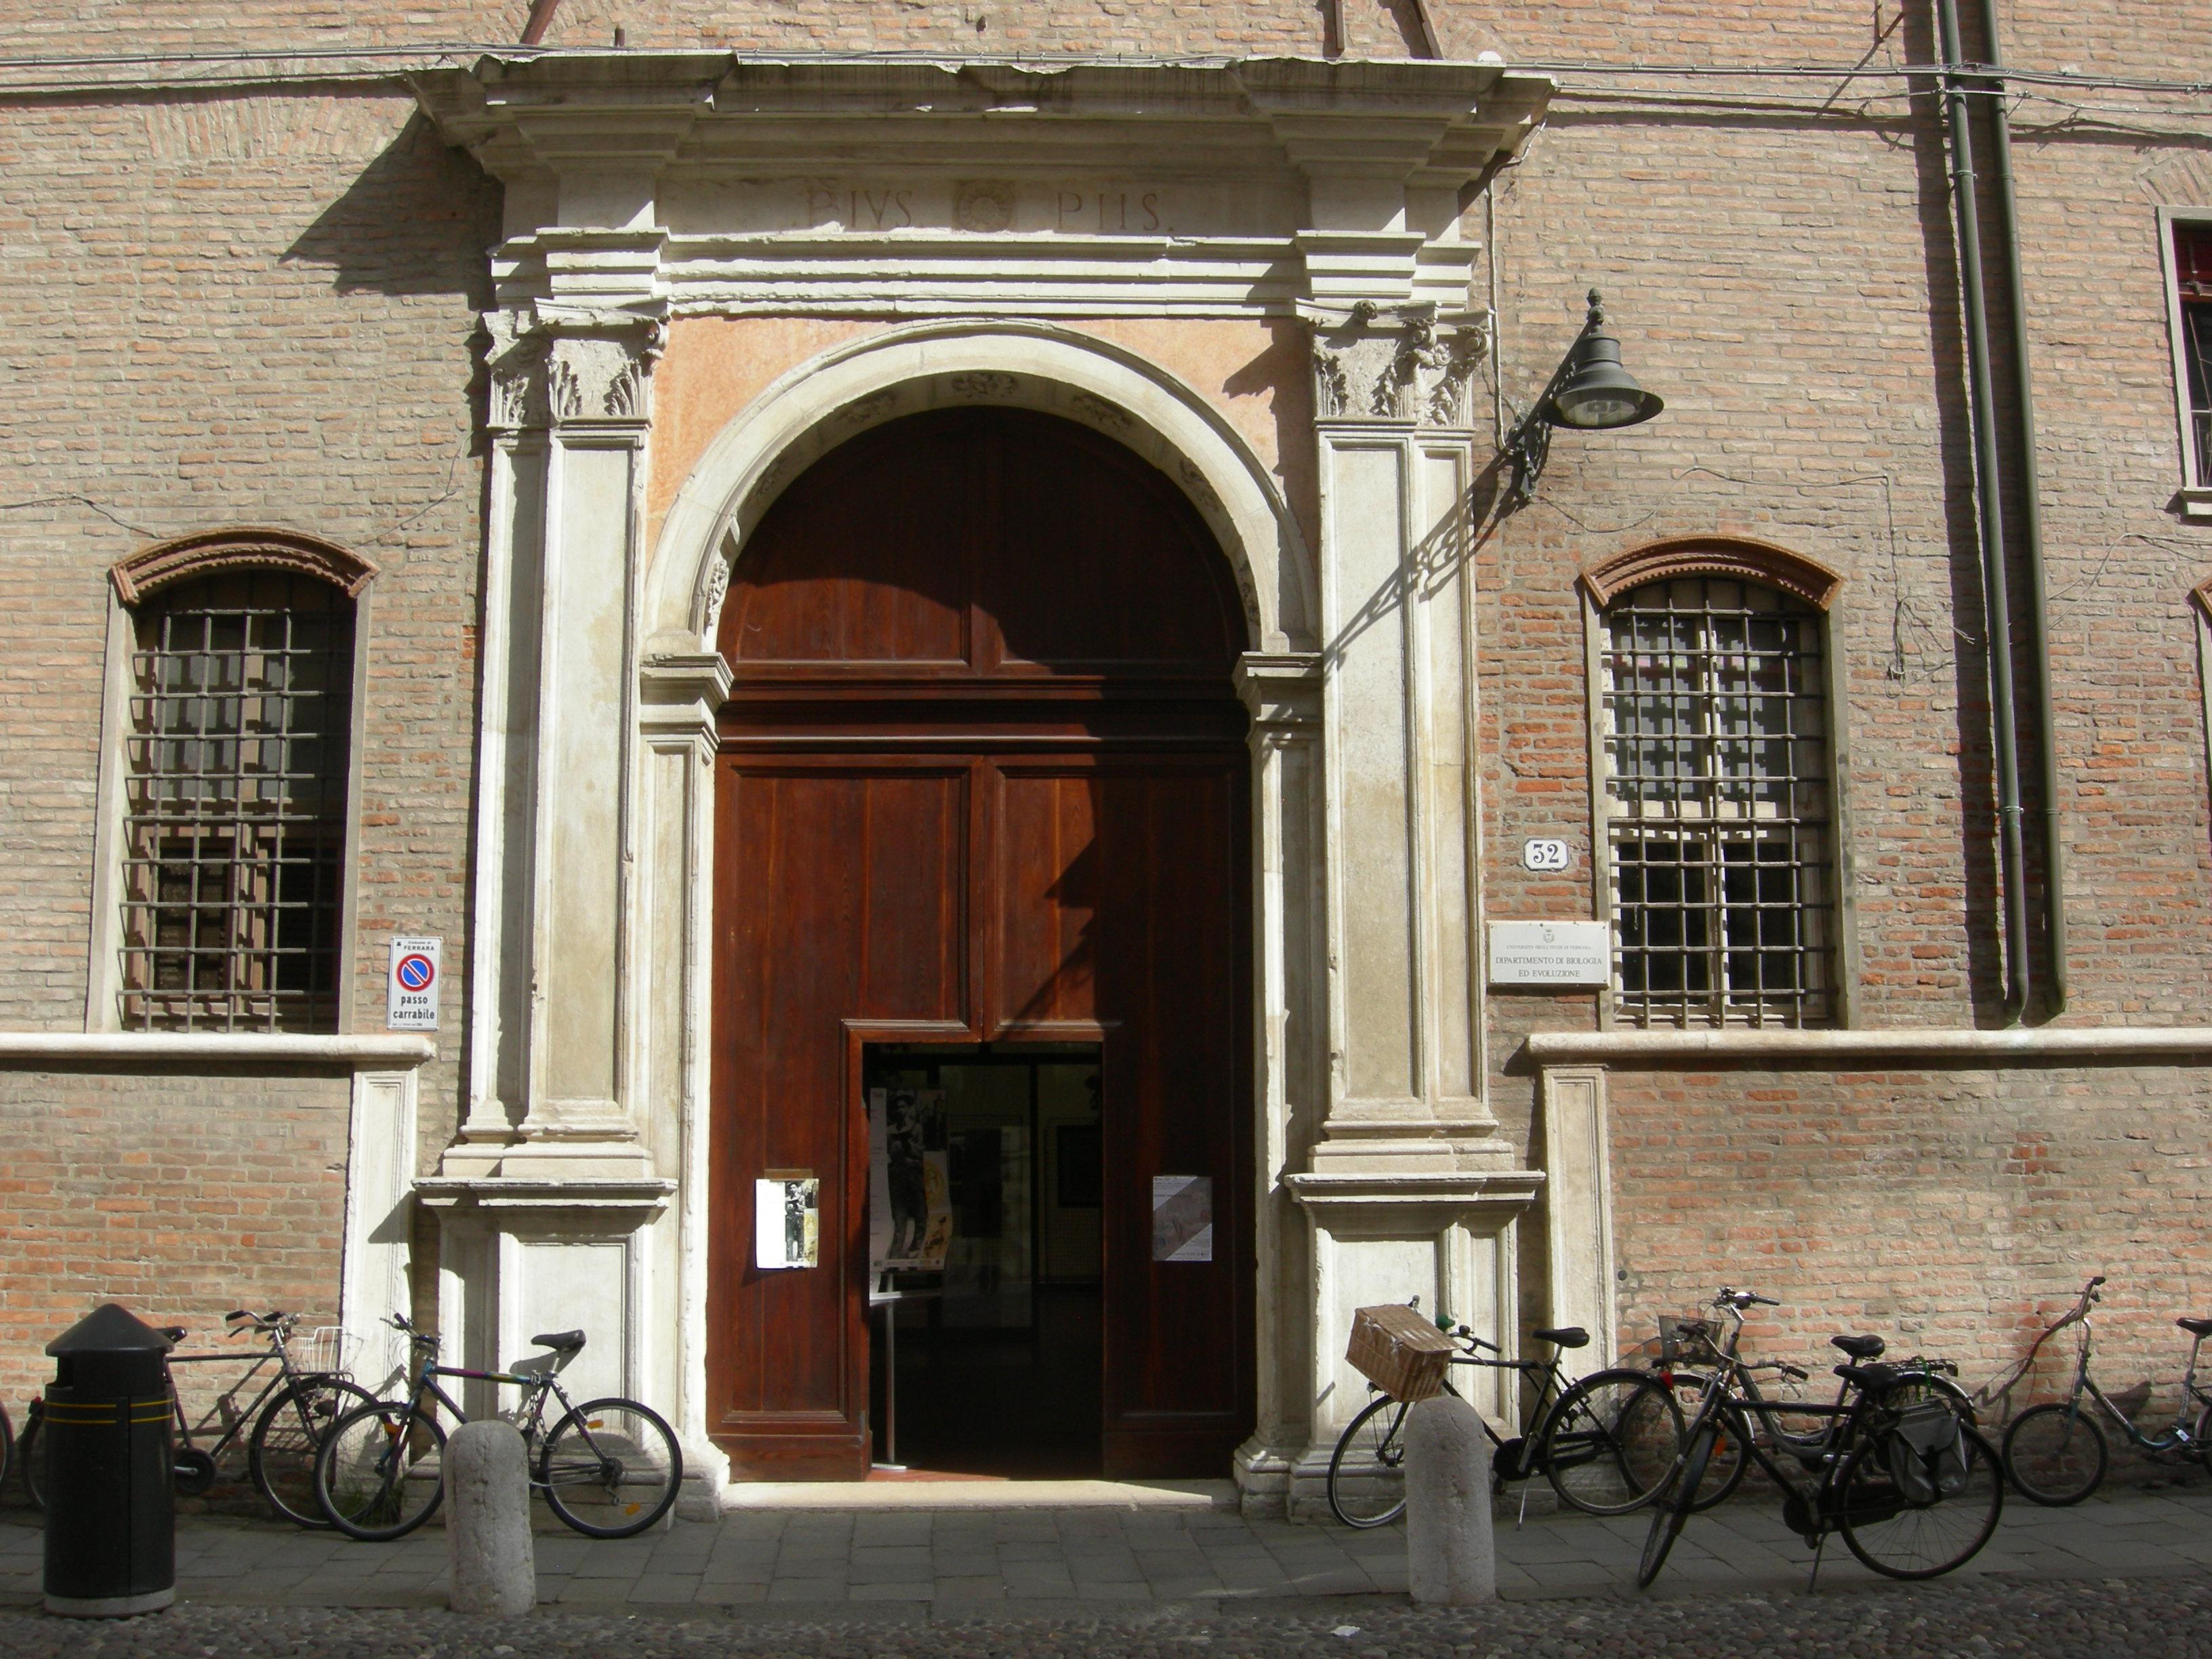 File:Portale palazzo Turchi di Bagno Ferrara.JPG - Wikimedia Commons